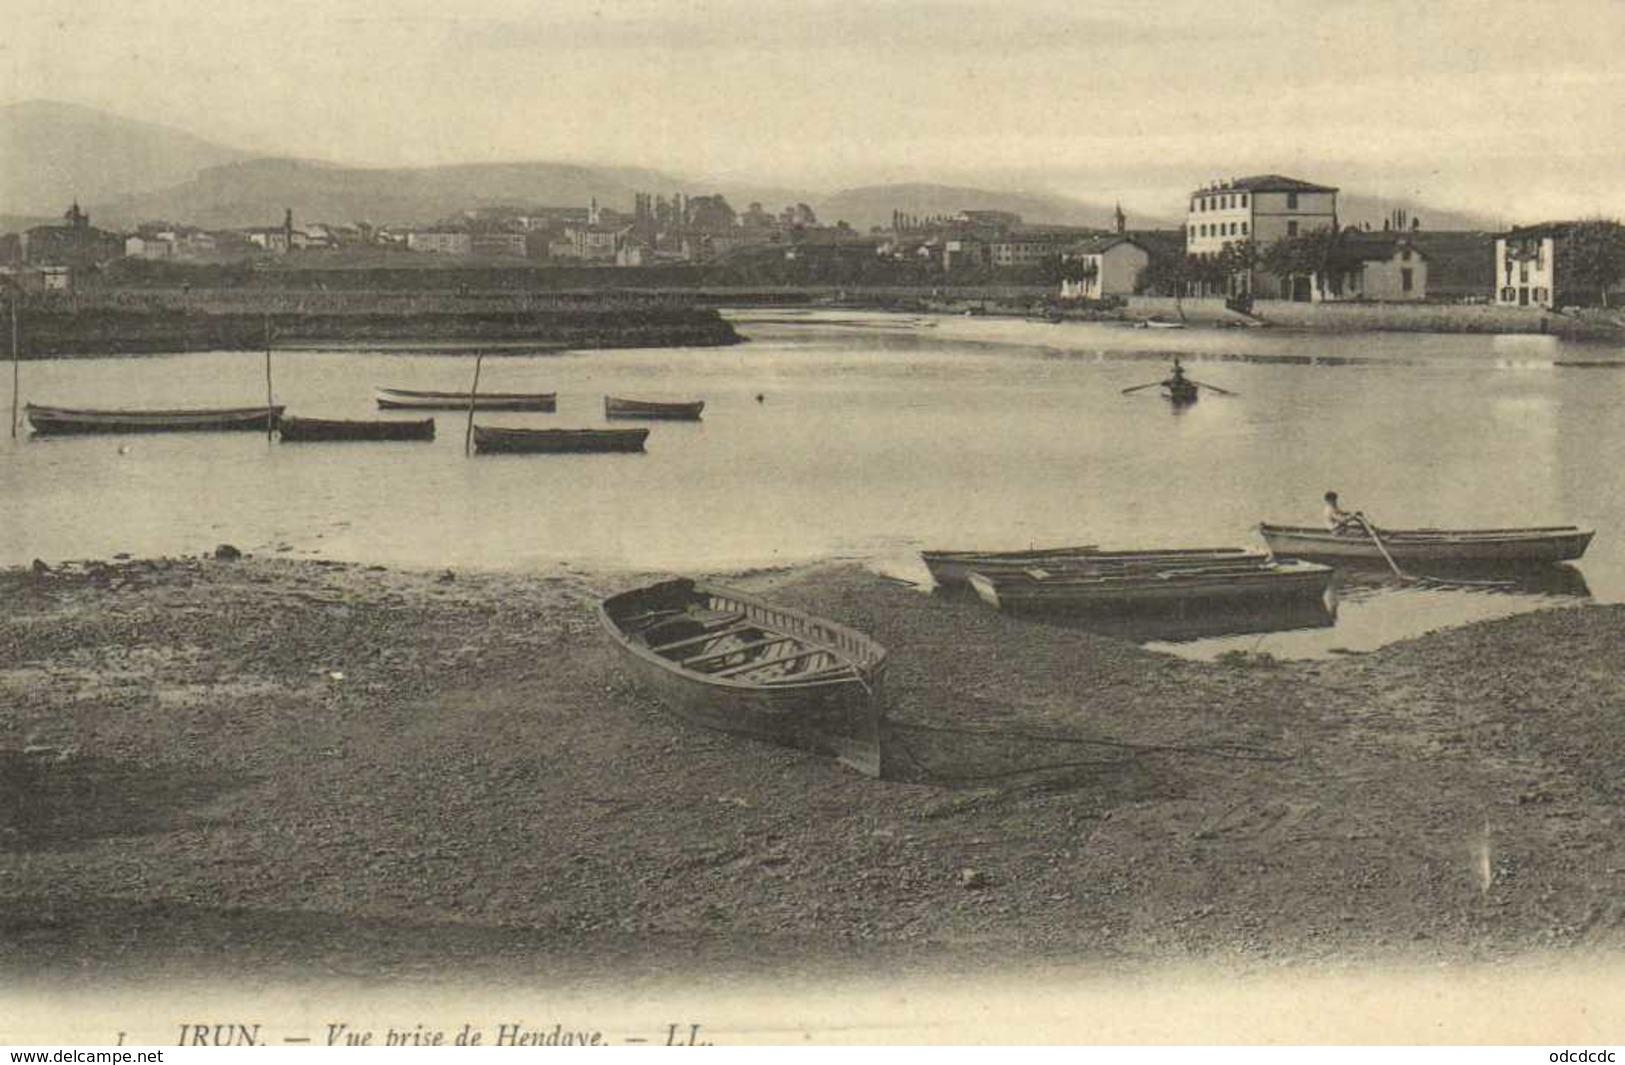 IRUN  Vue Prise De Hendaye RV - Guipúzcoa (San Sebastián)